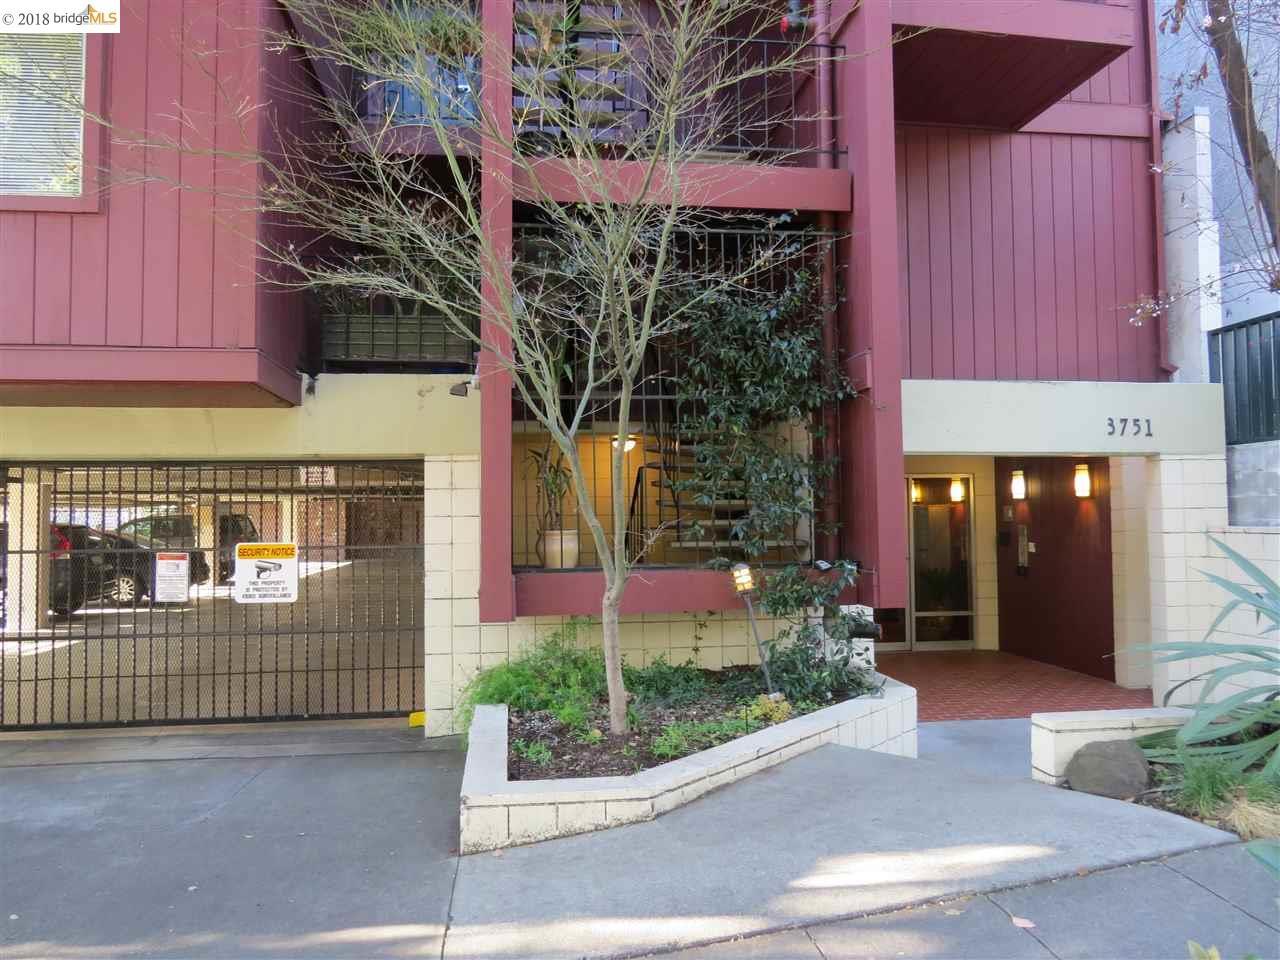 شقة بعمارة للـ Sale في 3751 Harrison 3751 Harrison Oakland, California 94611 United States